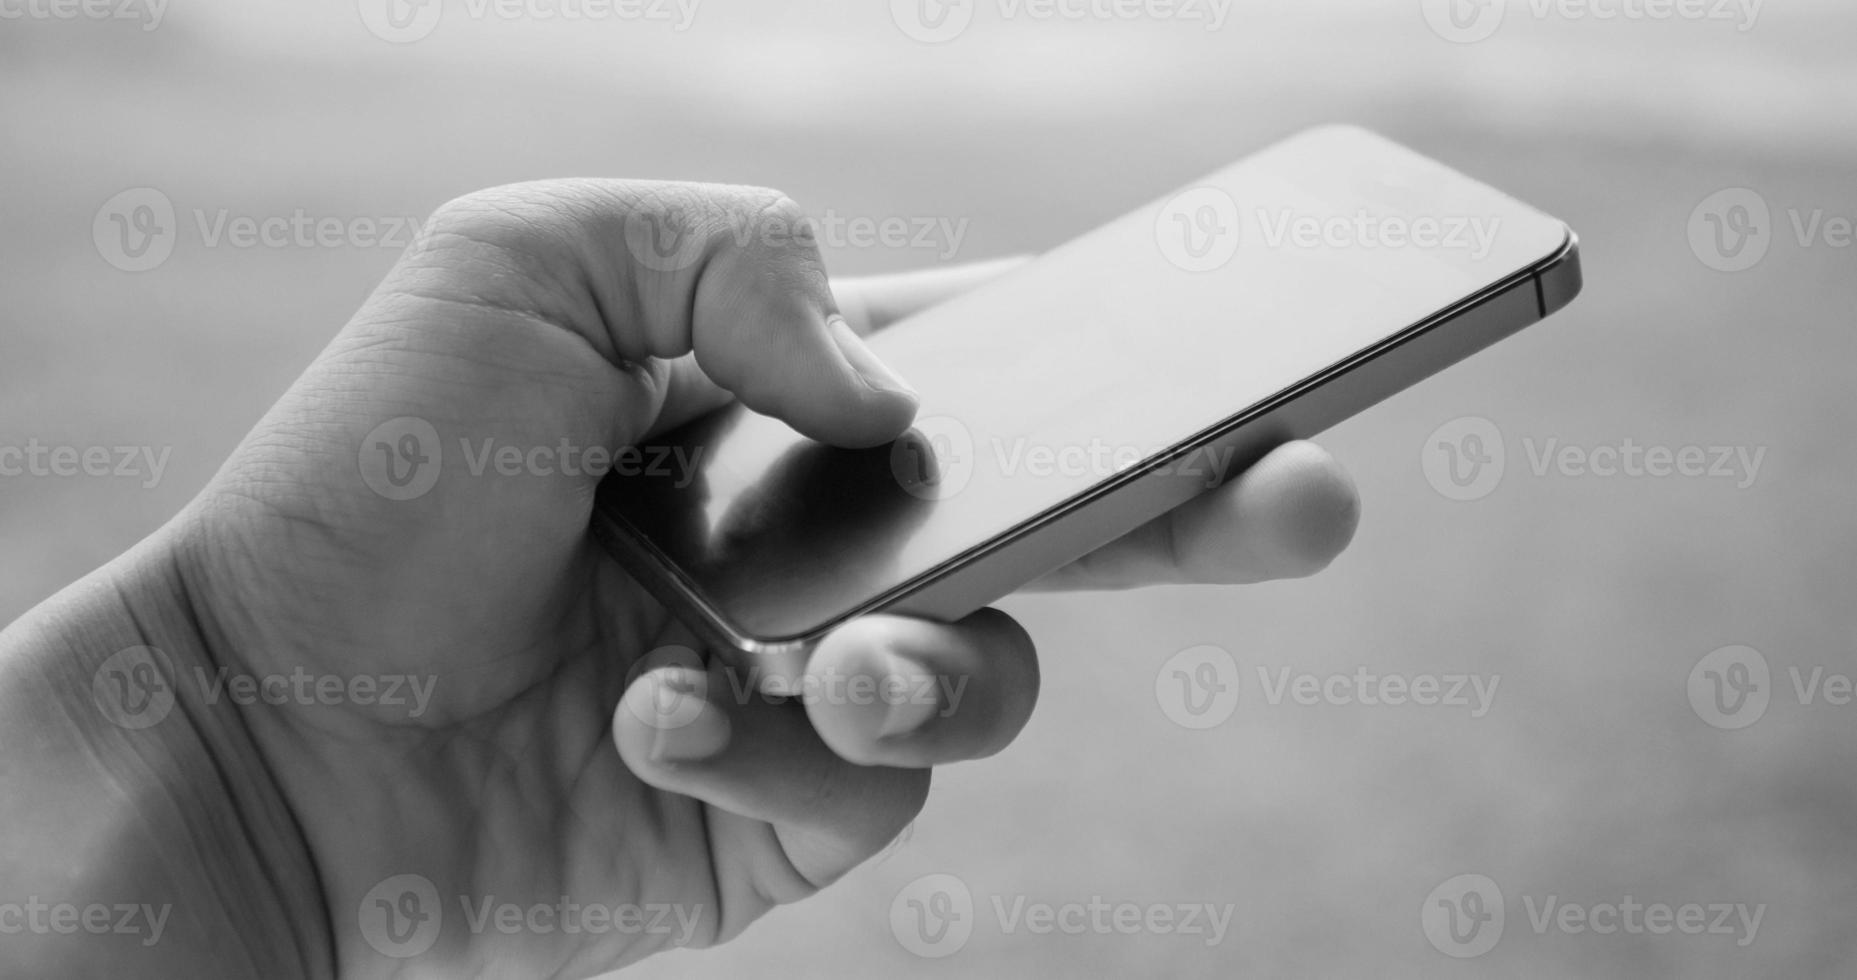 segure e toque no smartphone, imagine em tom preto e branco foto